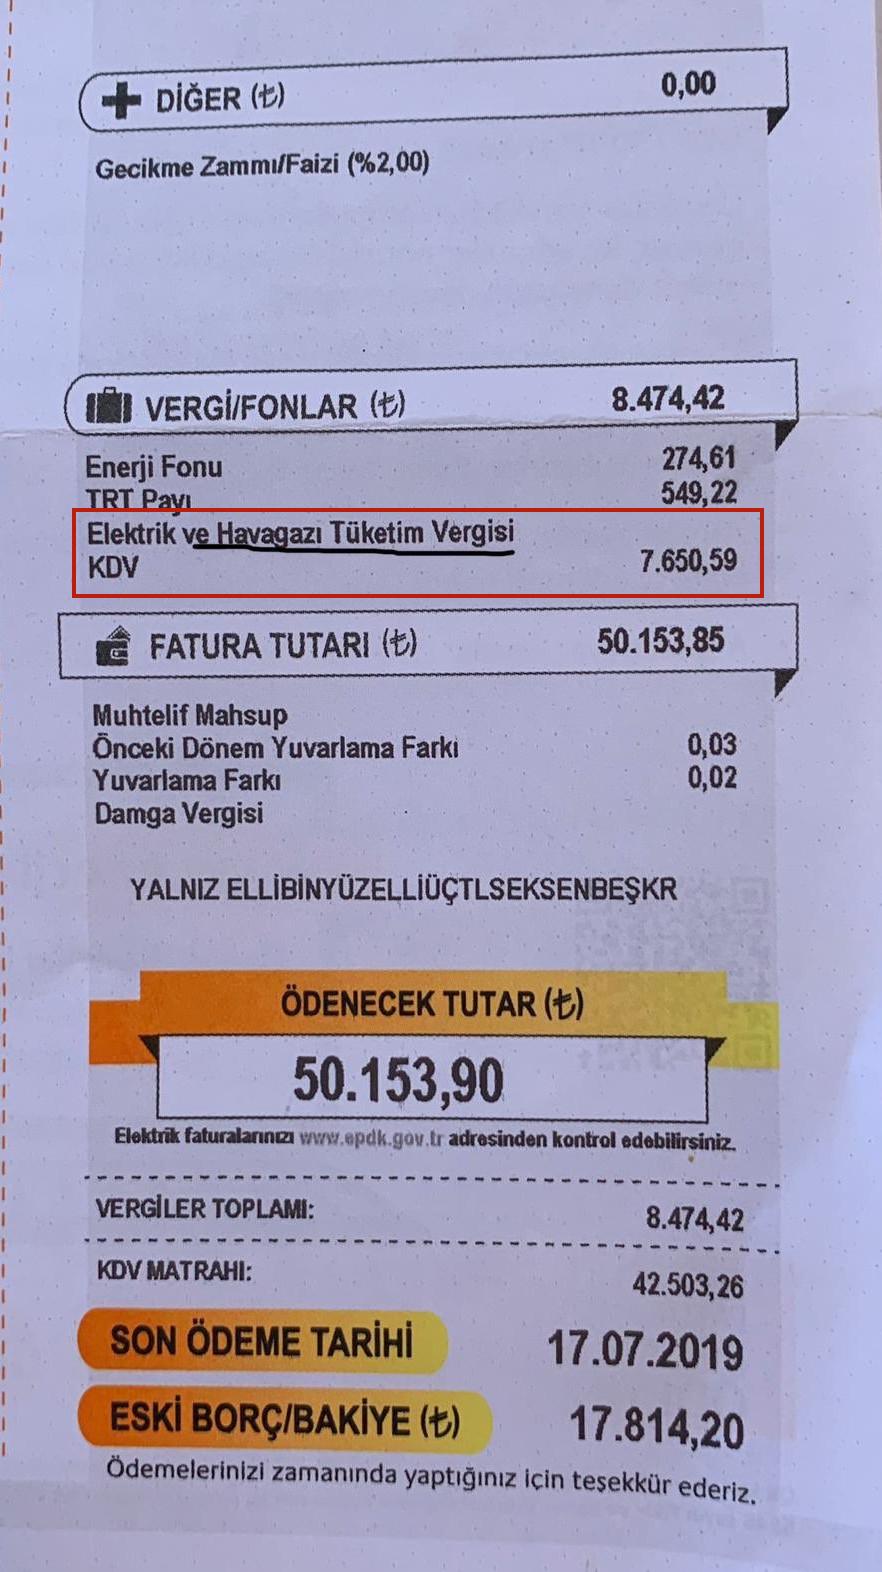 Bunu da gördük: Gaziantepli çiftçilere 'Havagazı Tüketim Vergisi'